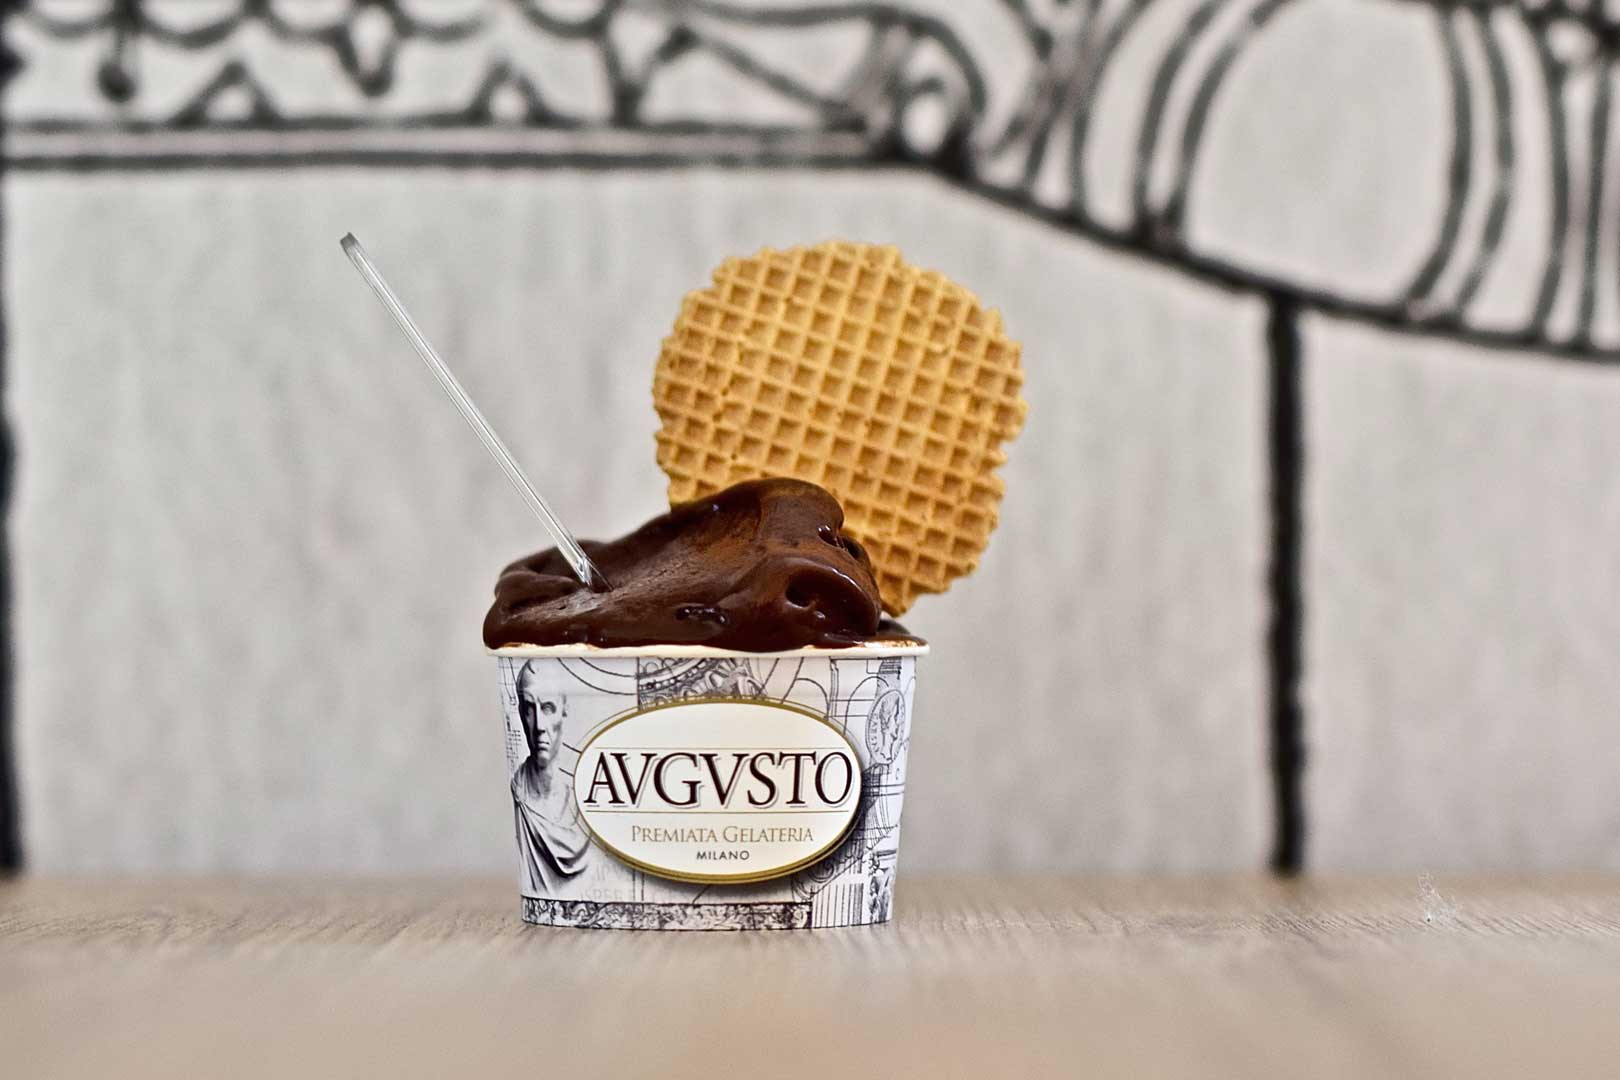 Premiata Gelateria Augusto - Cioccolato Domori